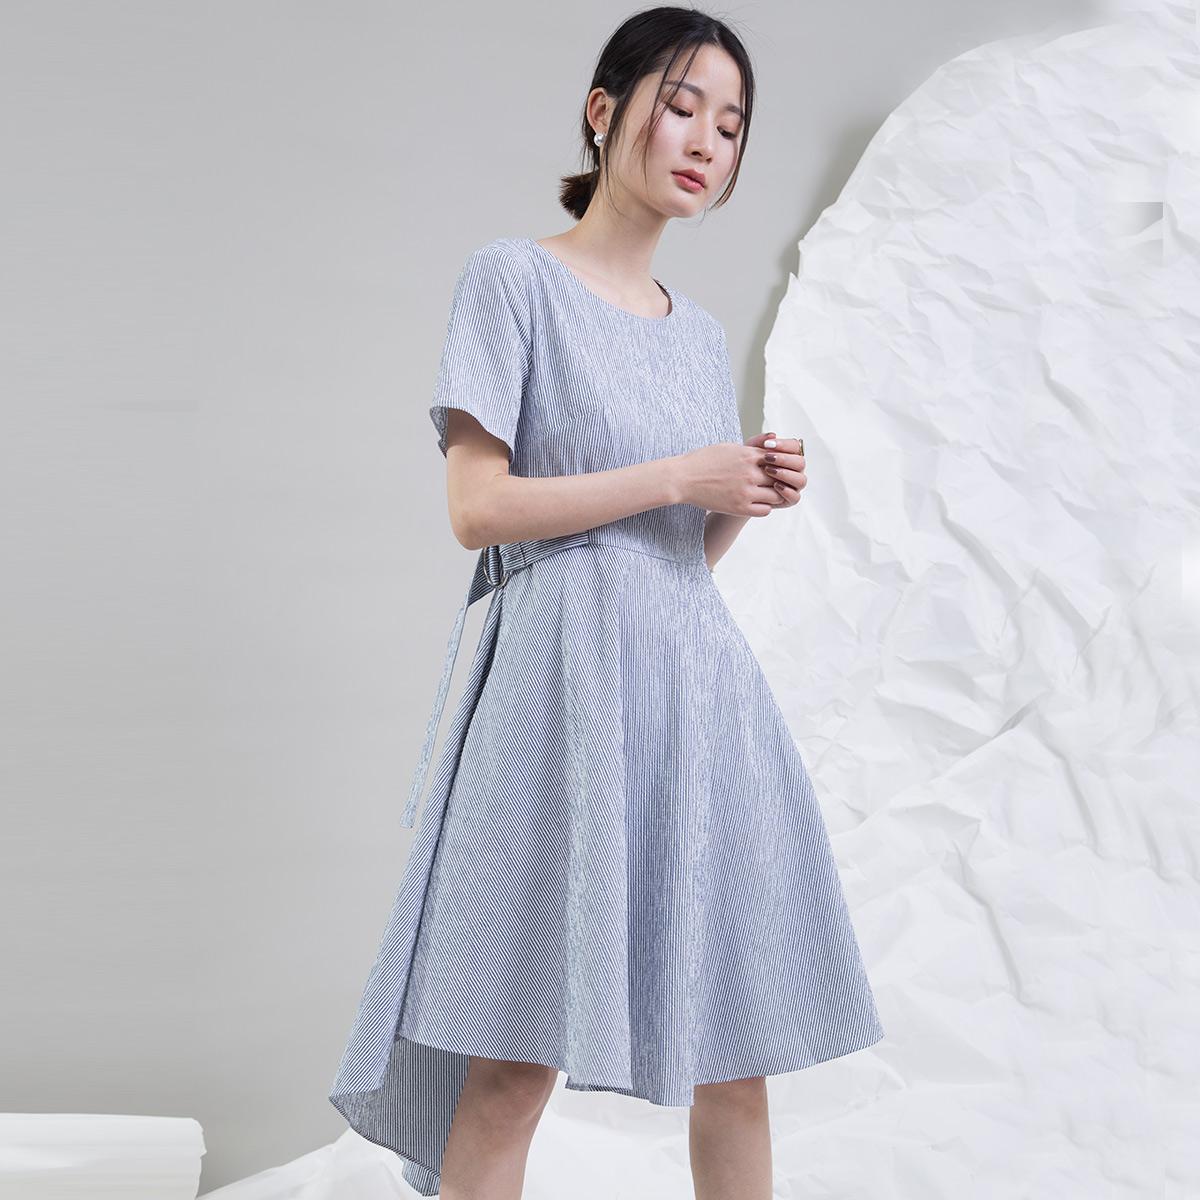 夏季新款女装条纹修身连衣裙休闲短袖中长款连衣裙纹修身休闲短袖A字连衣裙